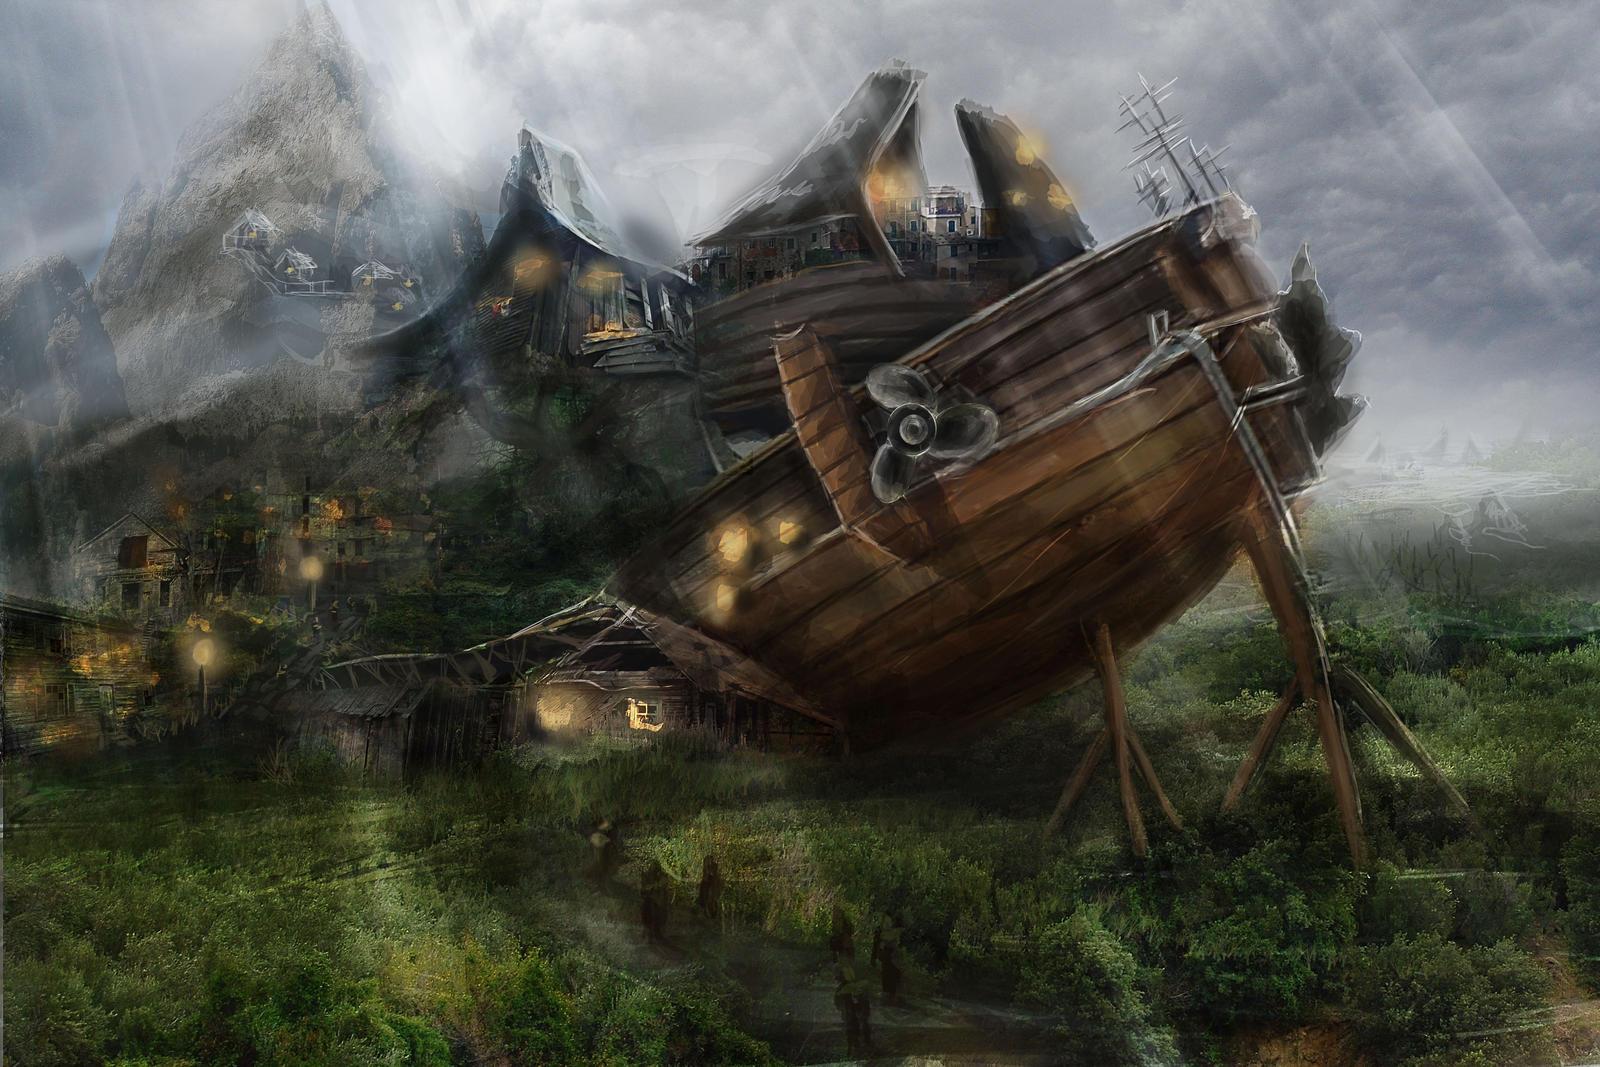 Boat Town by TwistedPurple